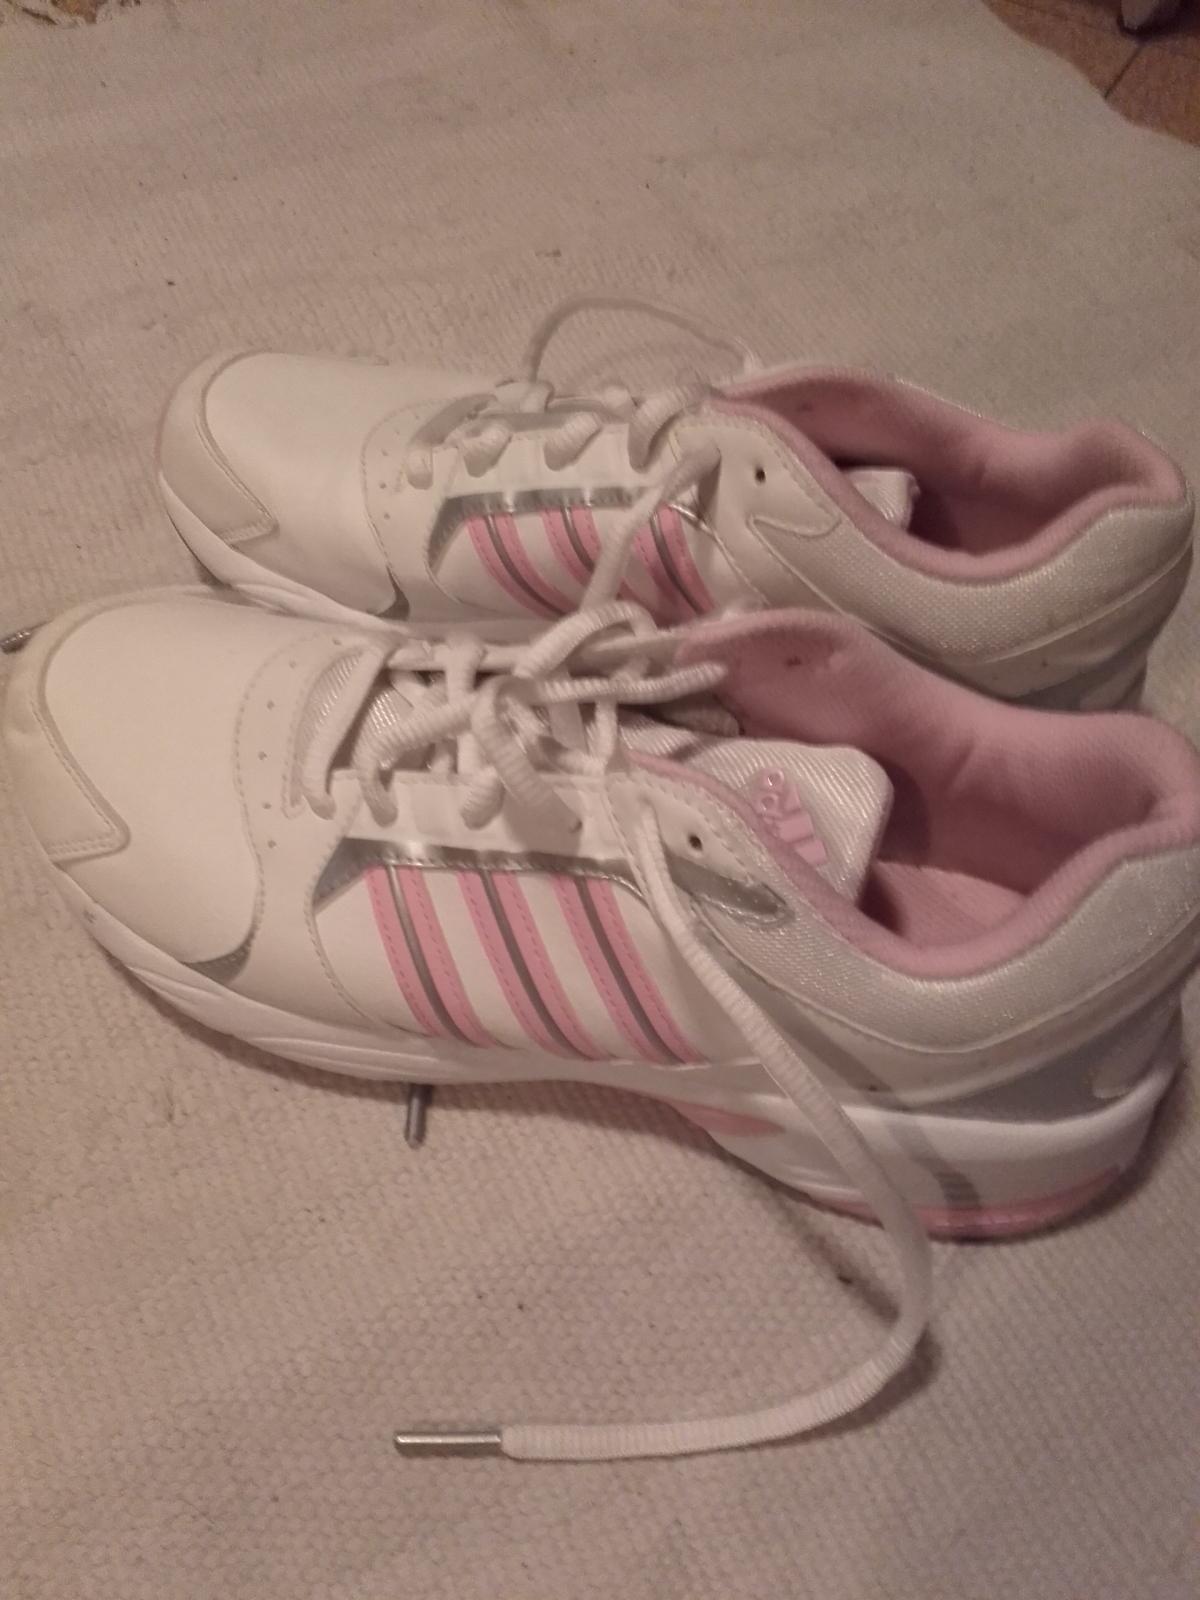 troc de troc paire de tennis adidas image 0